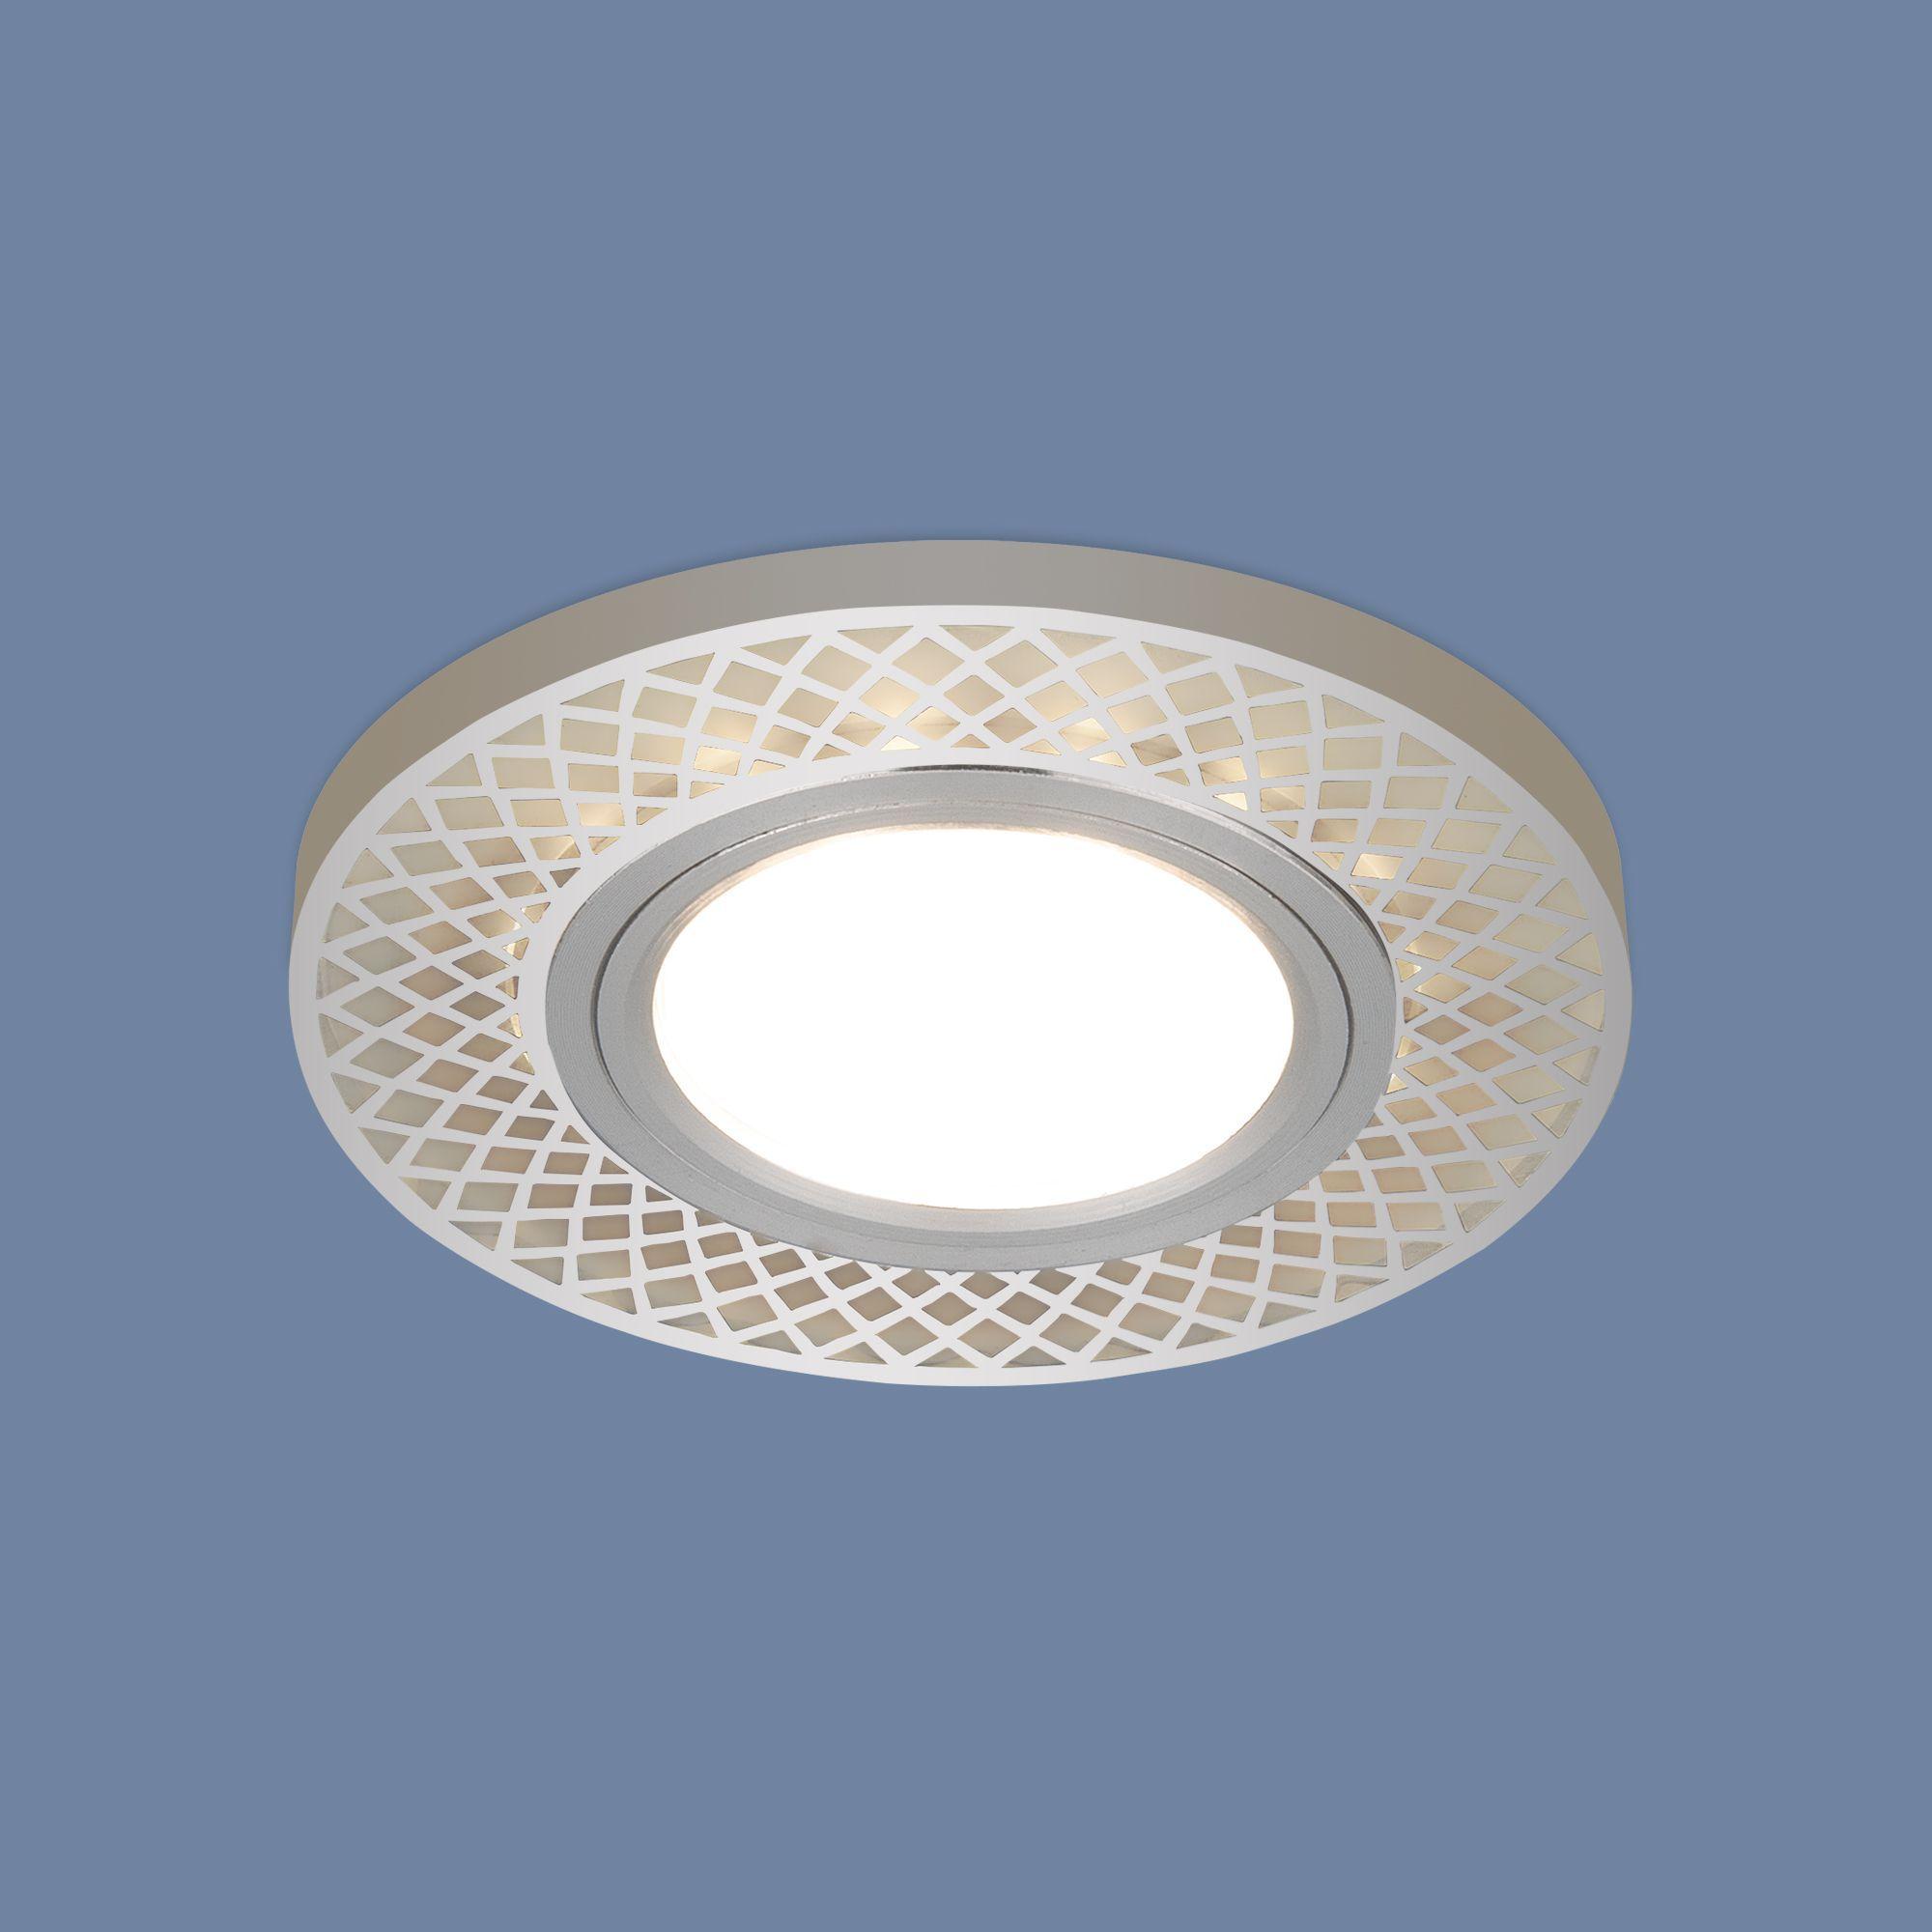 Встраиваемый потолочный светильник со светодиодной подсветкой 2232 MR16